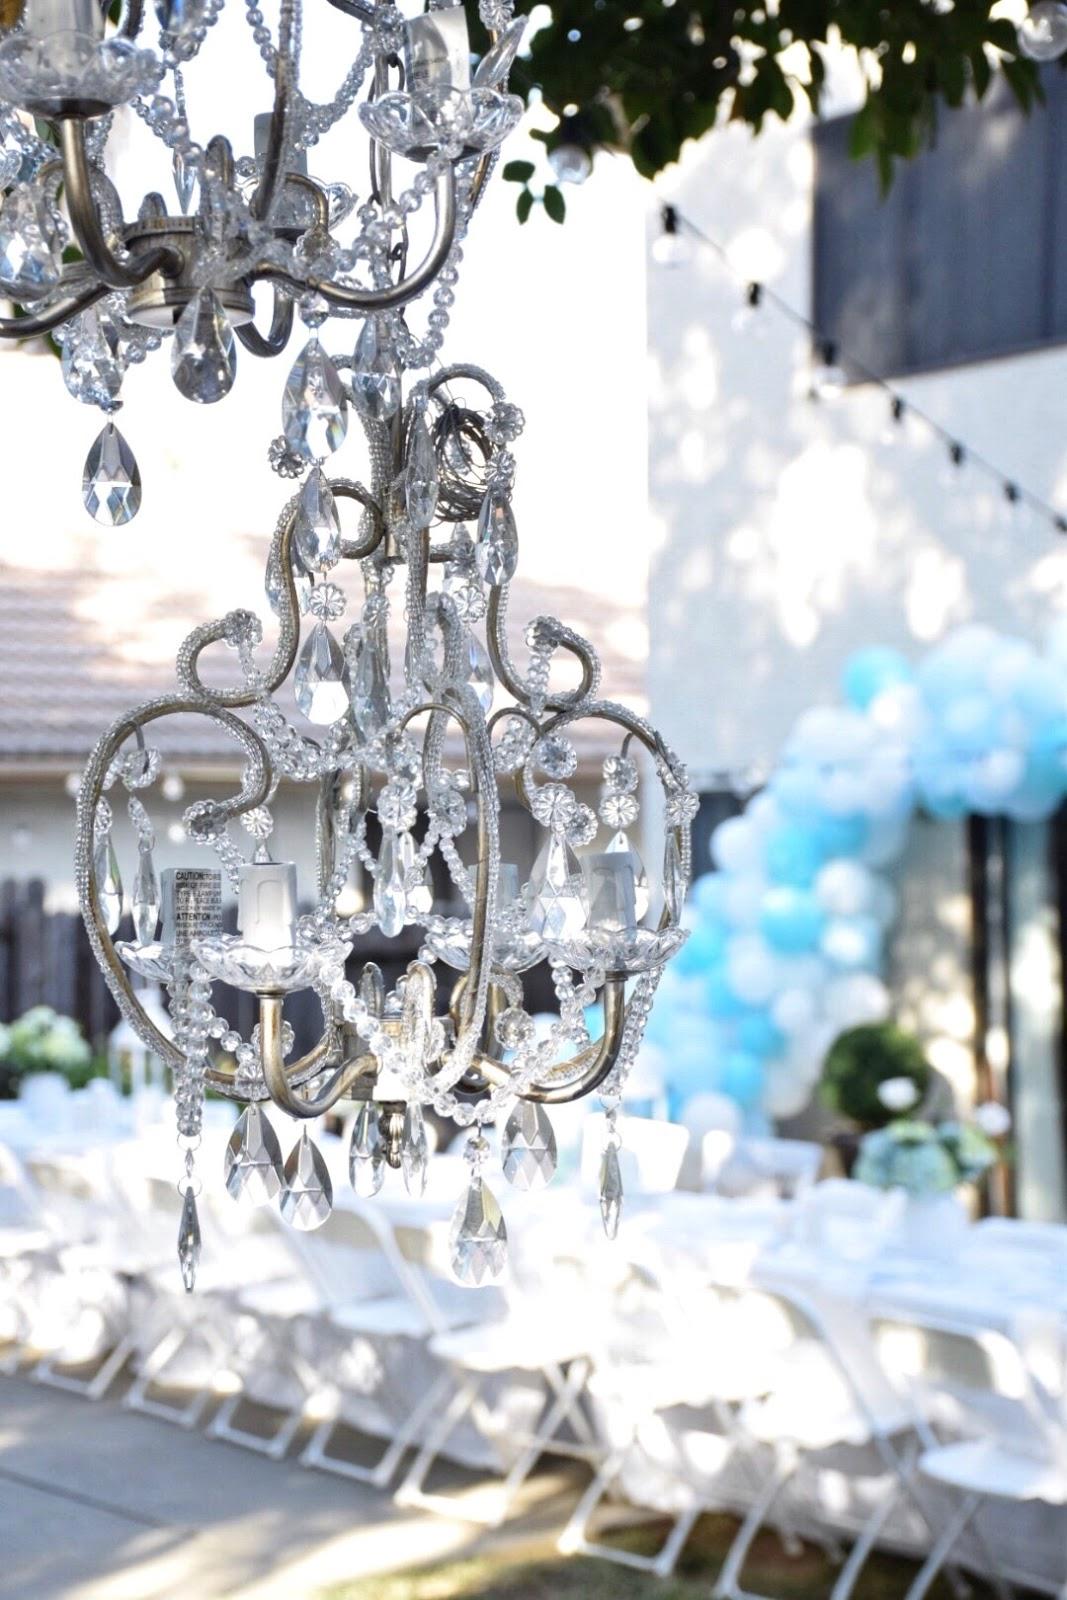 hanging-silver-chandelier-opulent-treasures .jpg